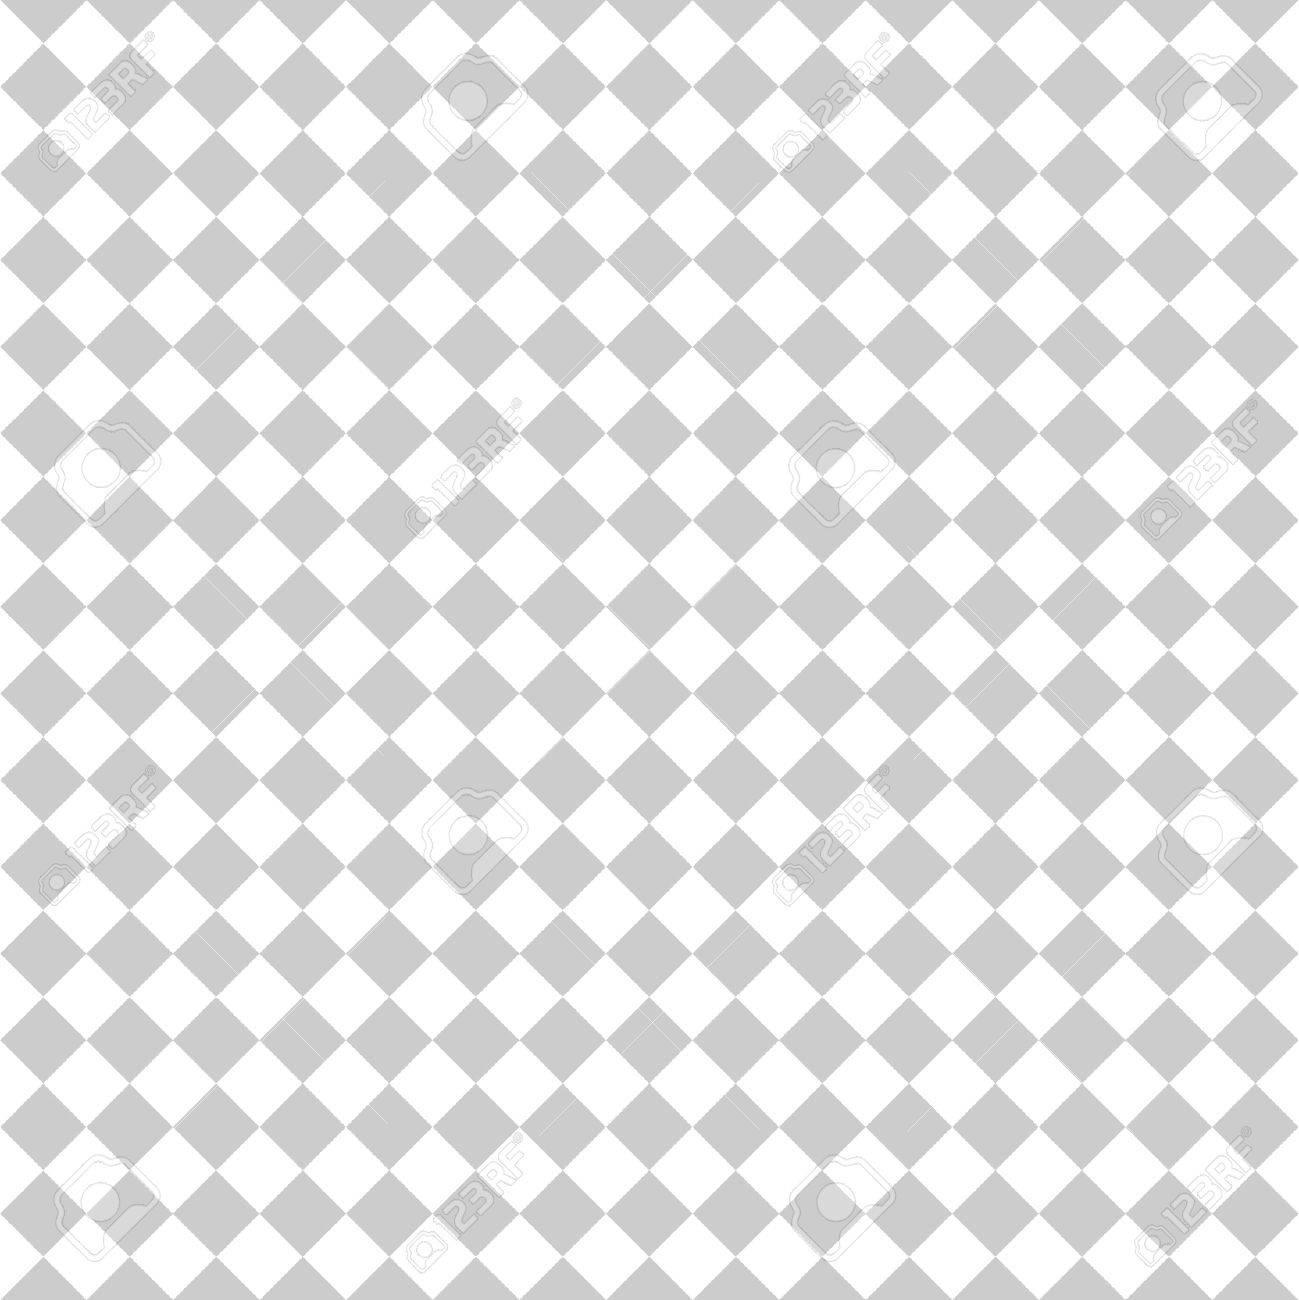 Tablero De Ajedrez Moderno Patrón De Color Background.grey ...